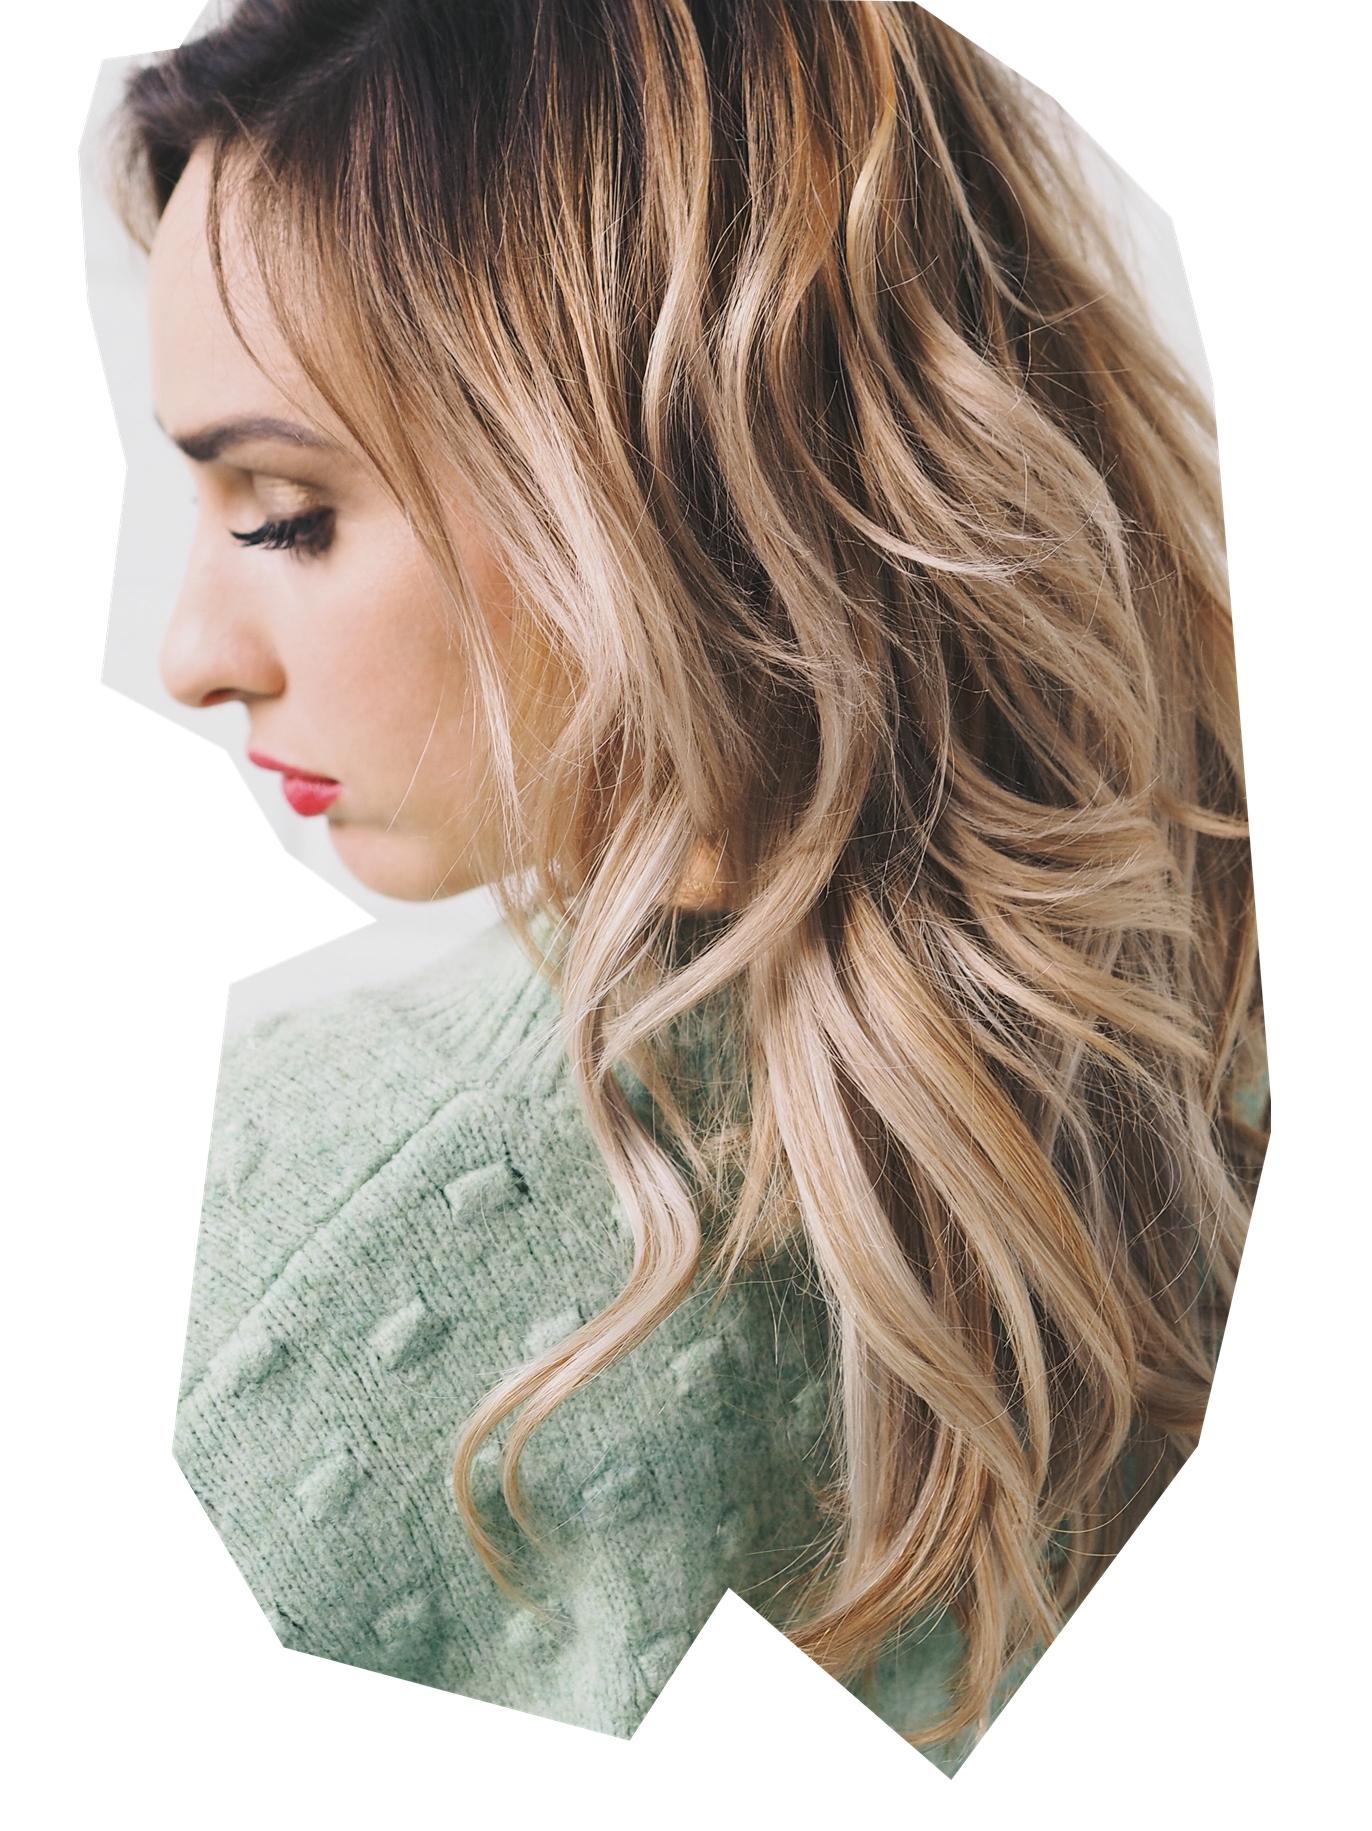 balmainhair-extensions-blonde